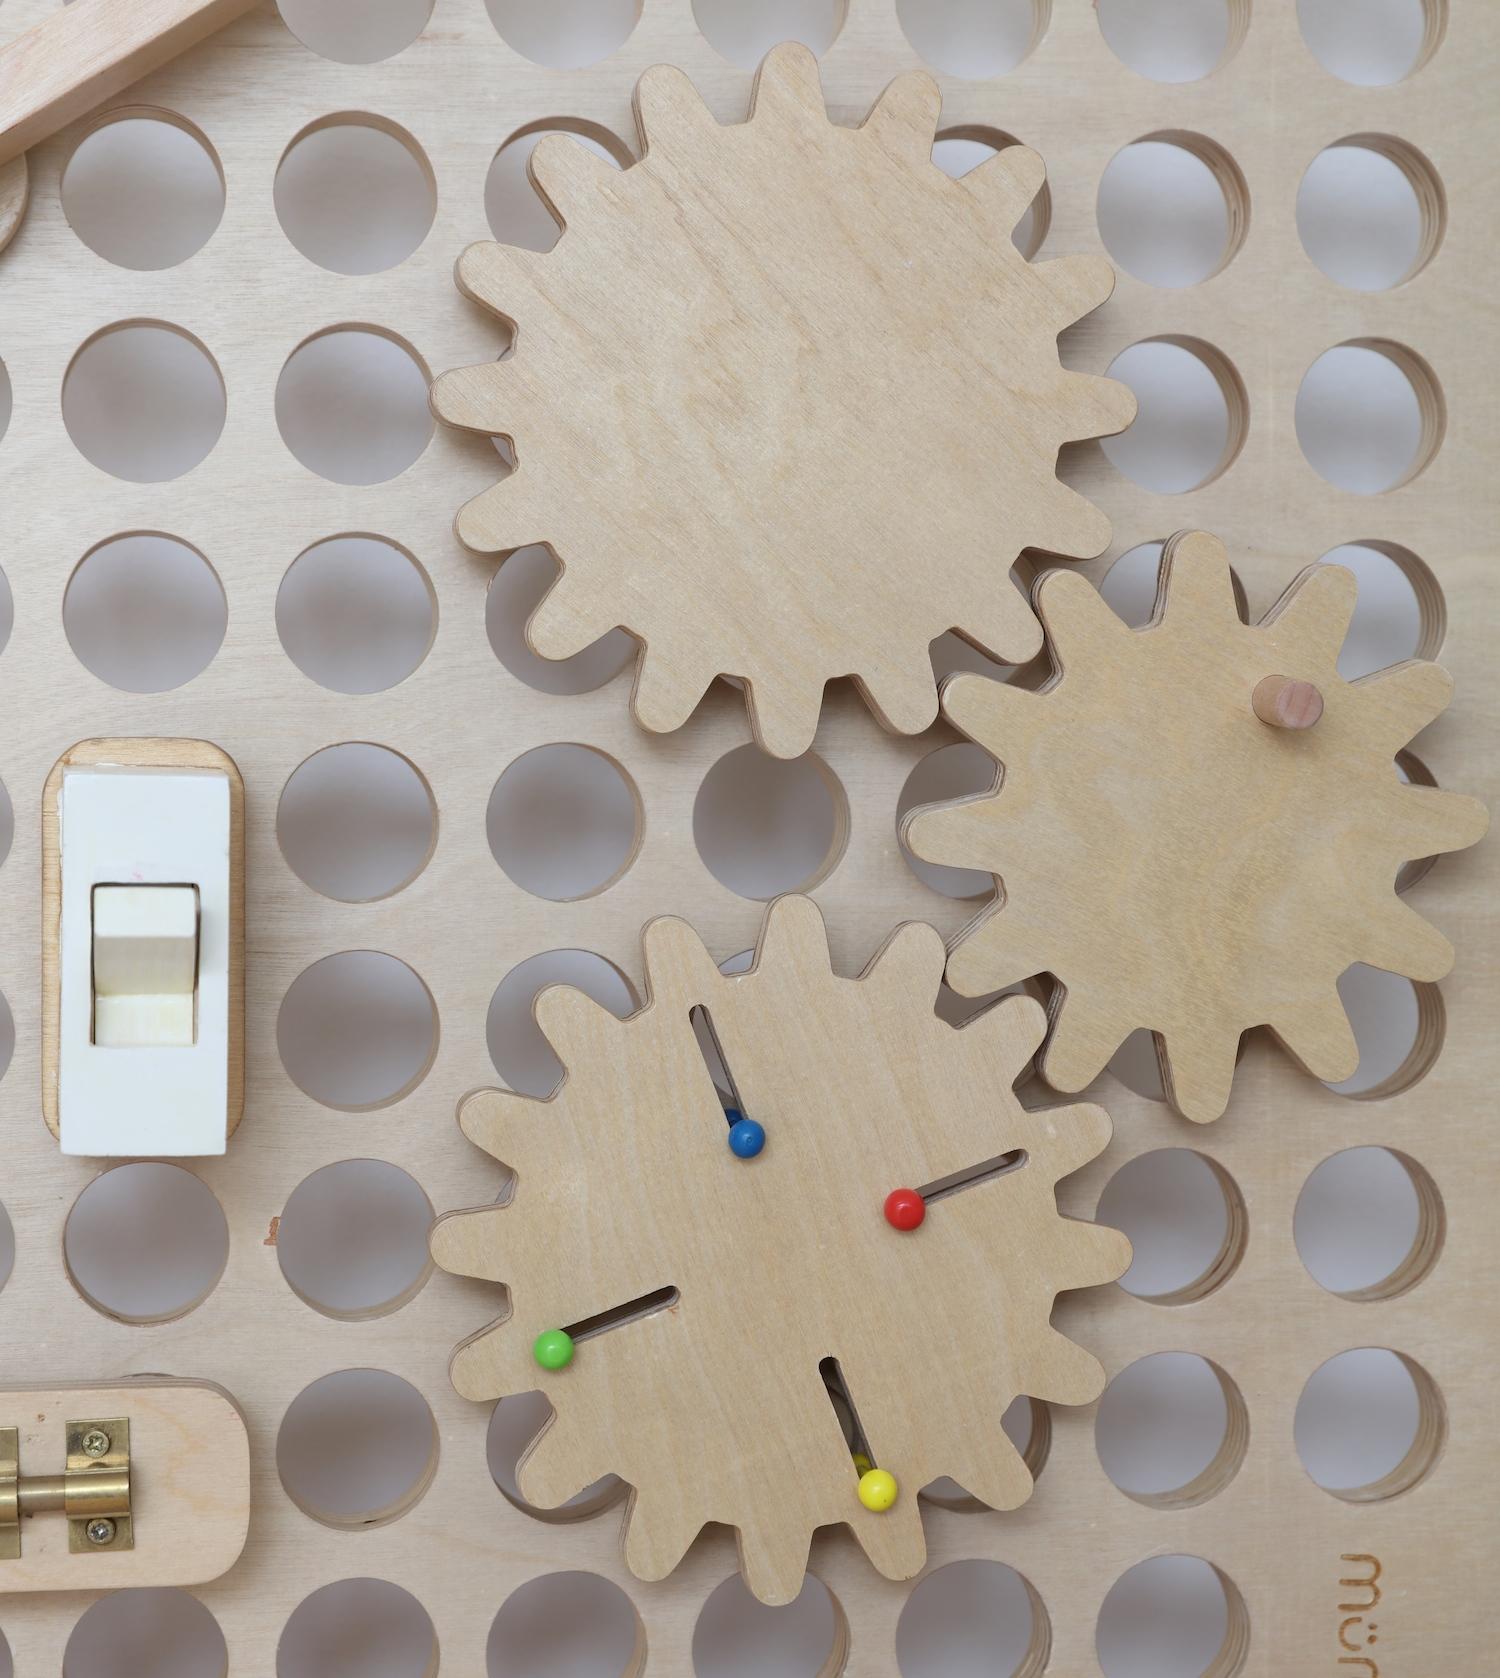 wooden_sensory_board_cogs_my_muro